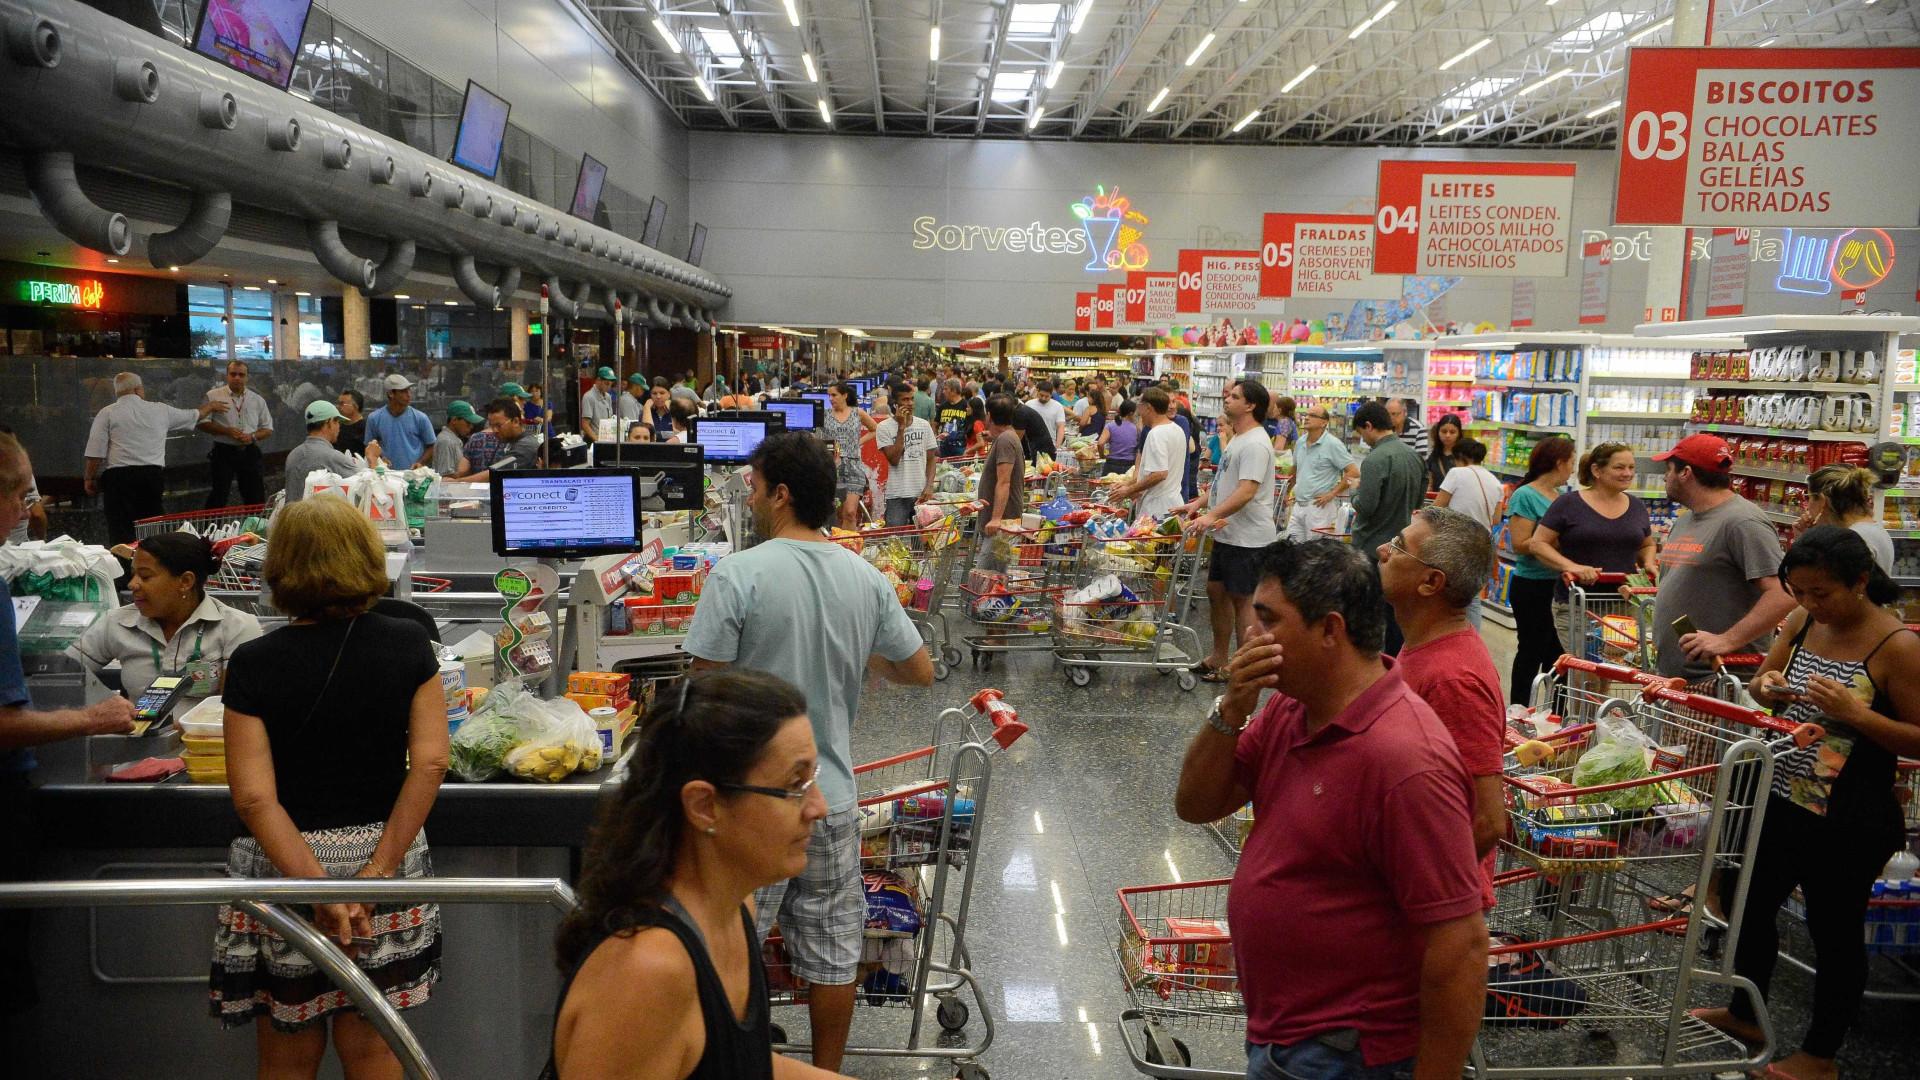 Alimentos básicos geram preocupação, afirmam supermercados